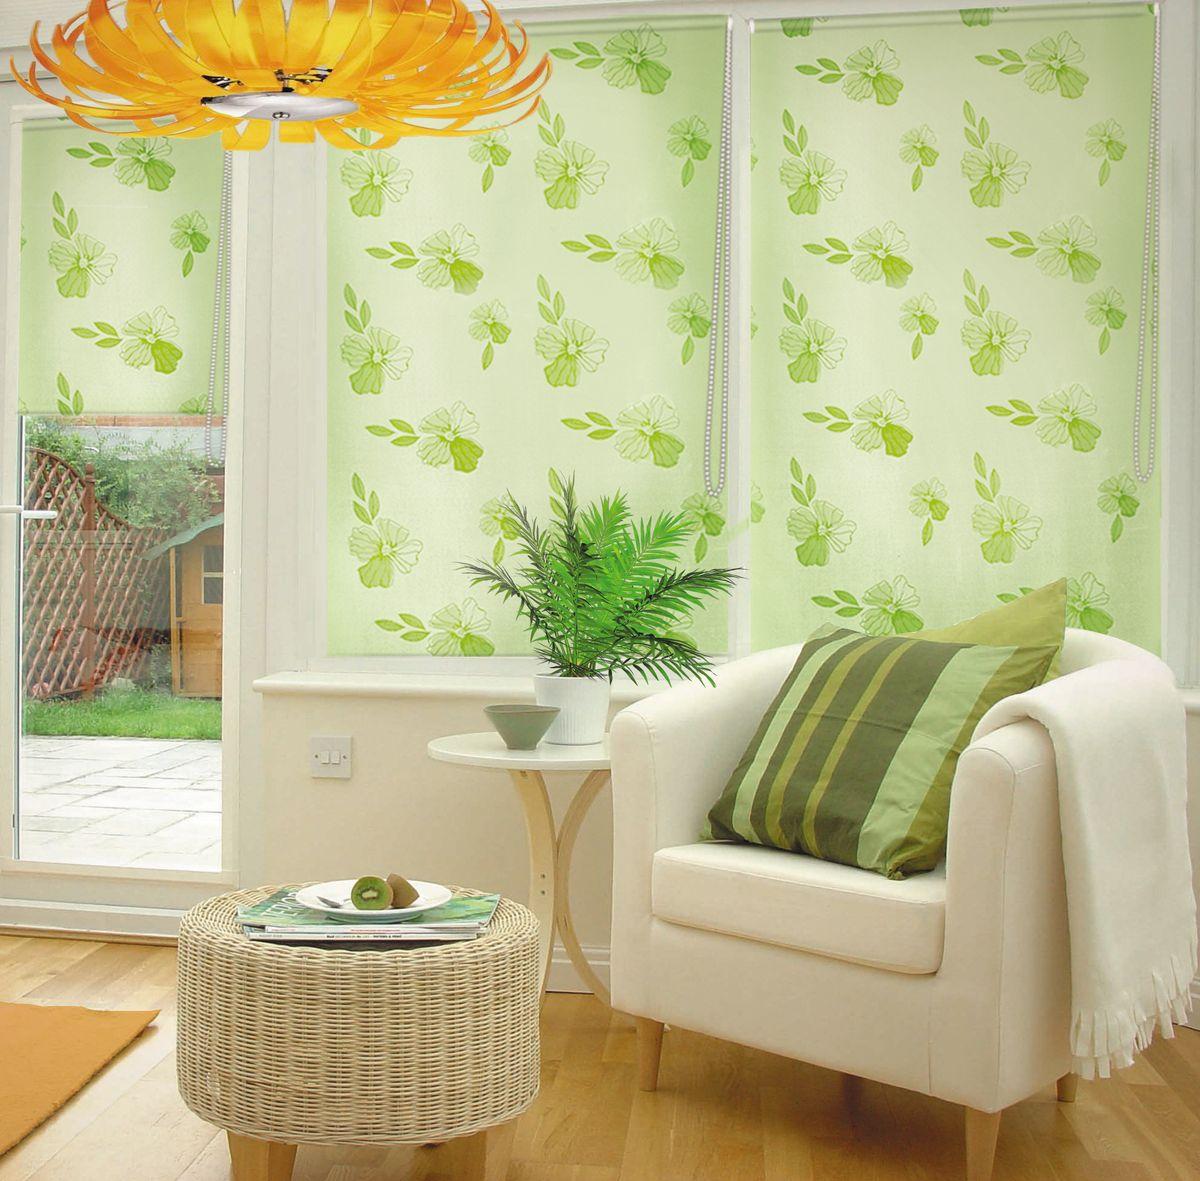 Штора рулонная Эскар Миниролло. Эдельвейс, фактурная, цвет: зеленый, ширина 98 см, высота 160 см